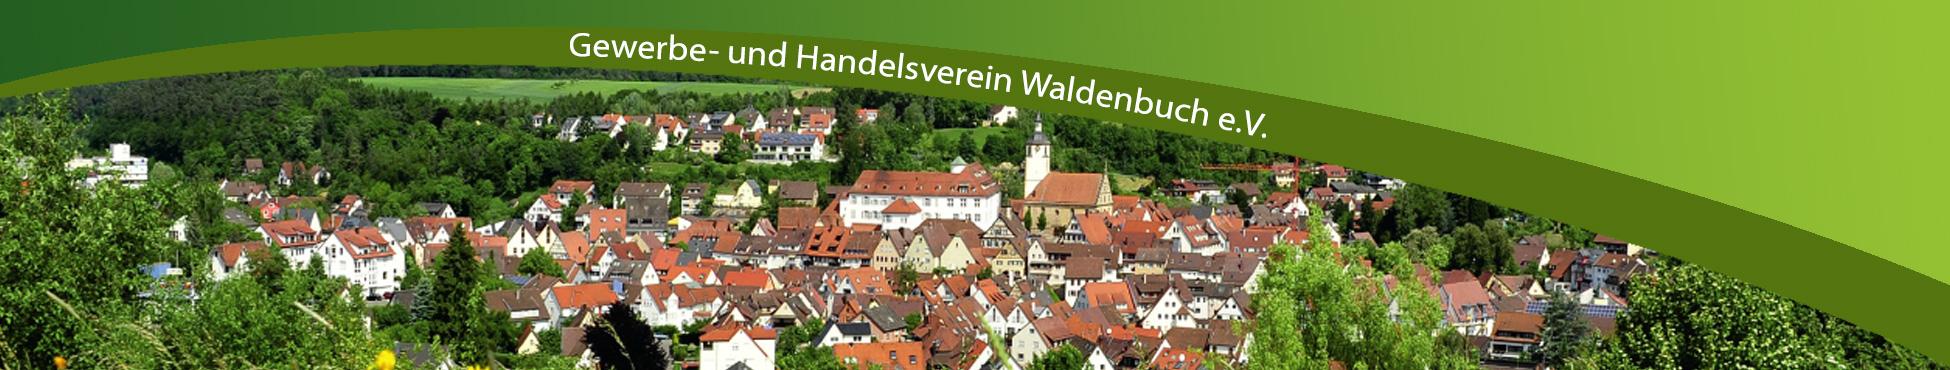 GHV-Header-Waldenbuch